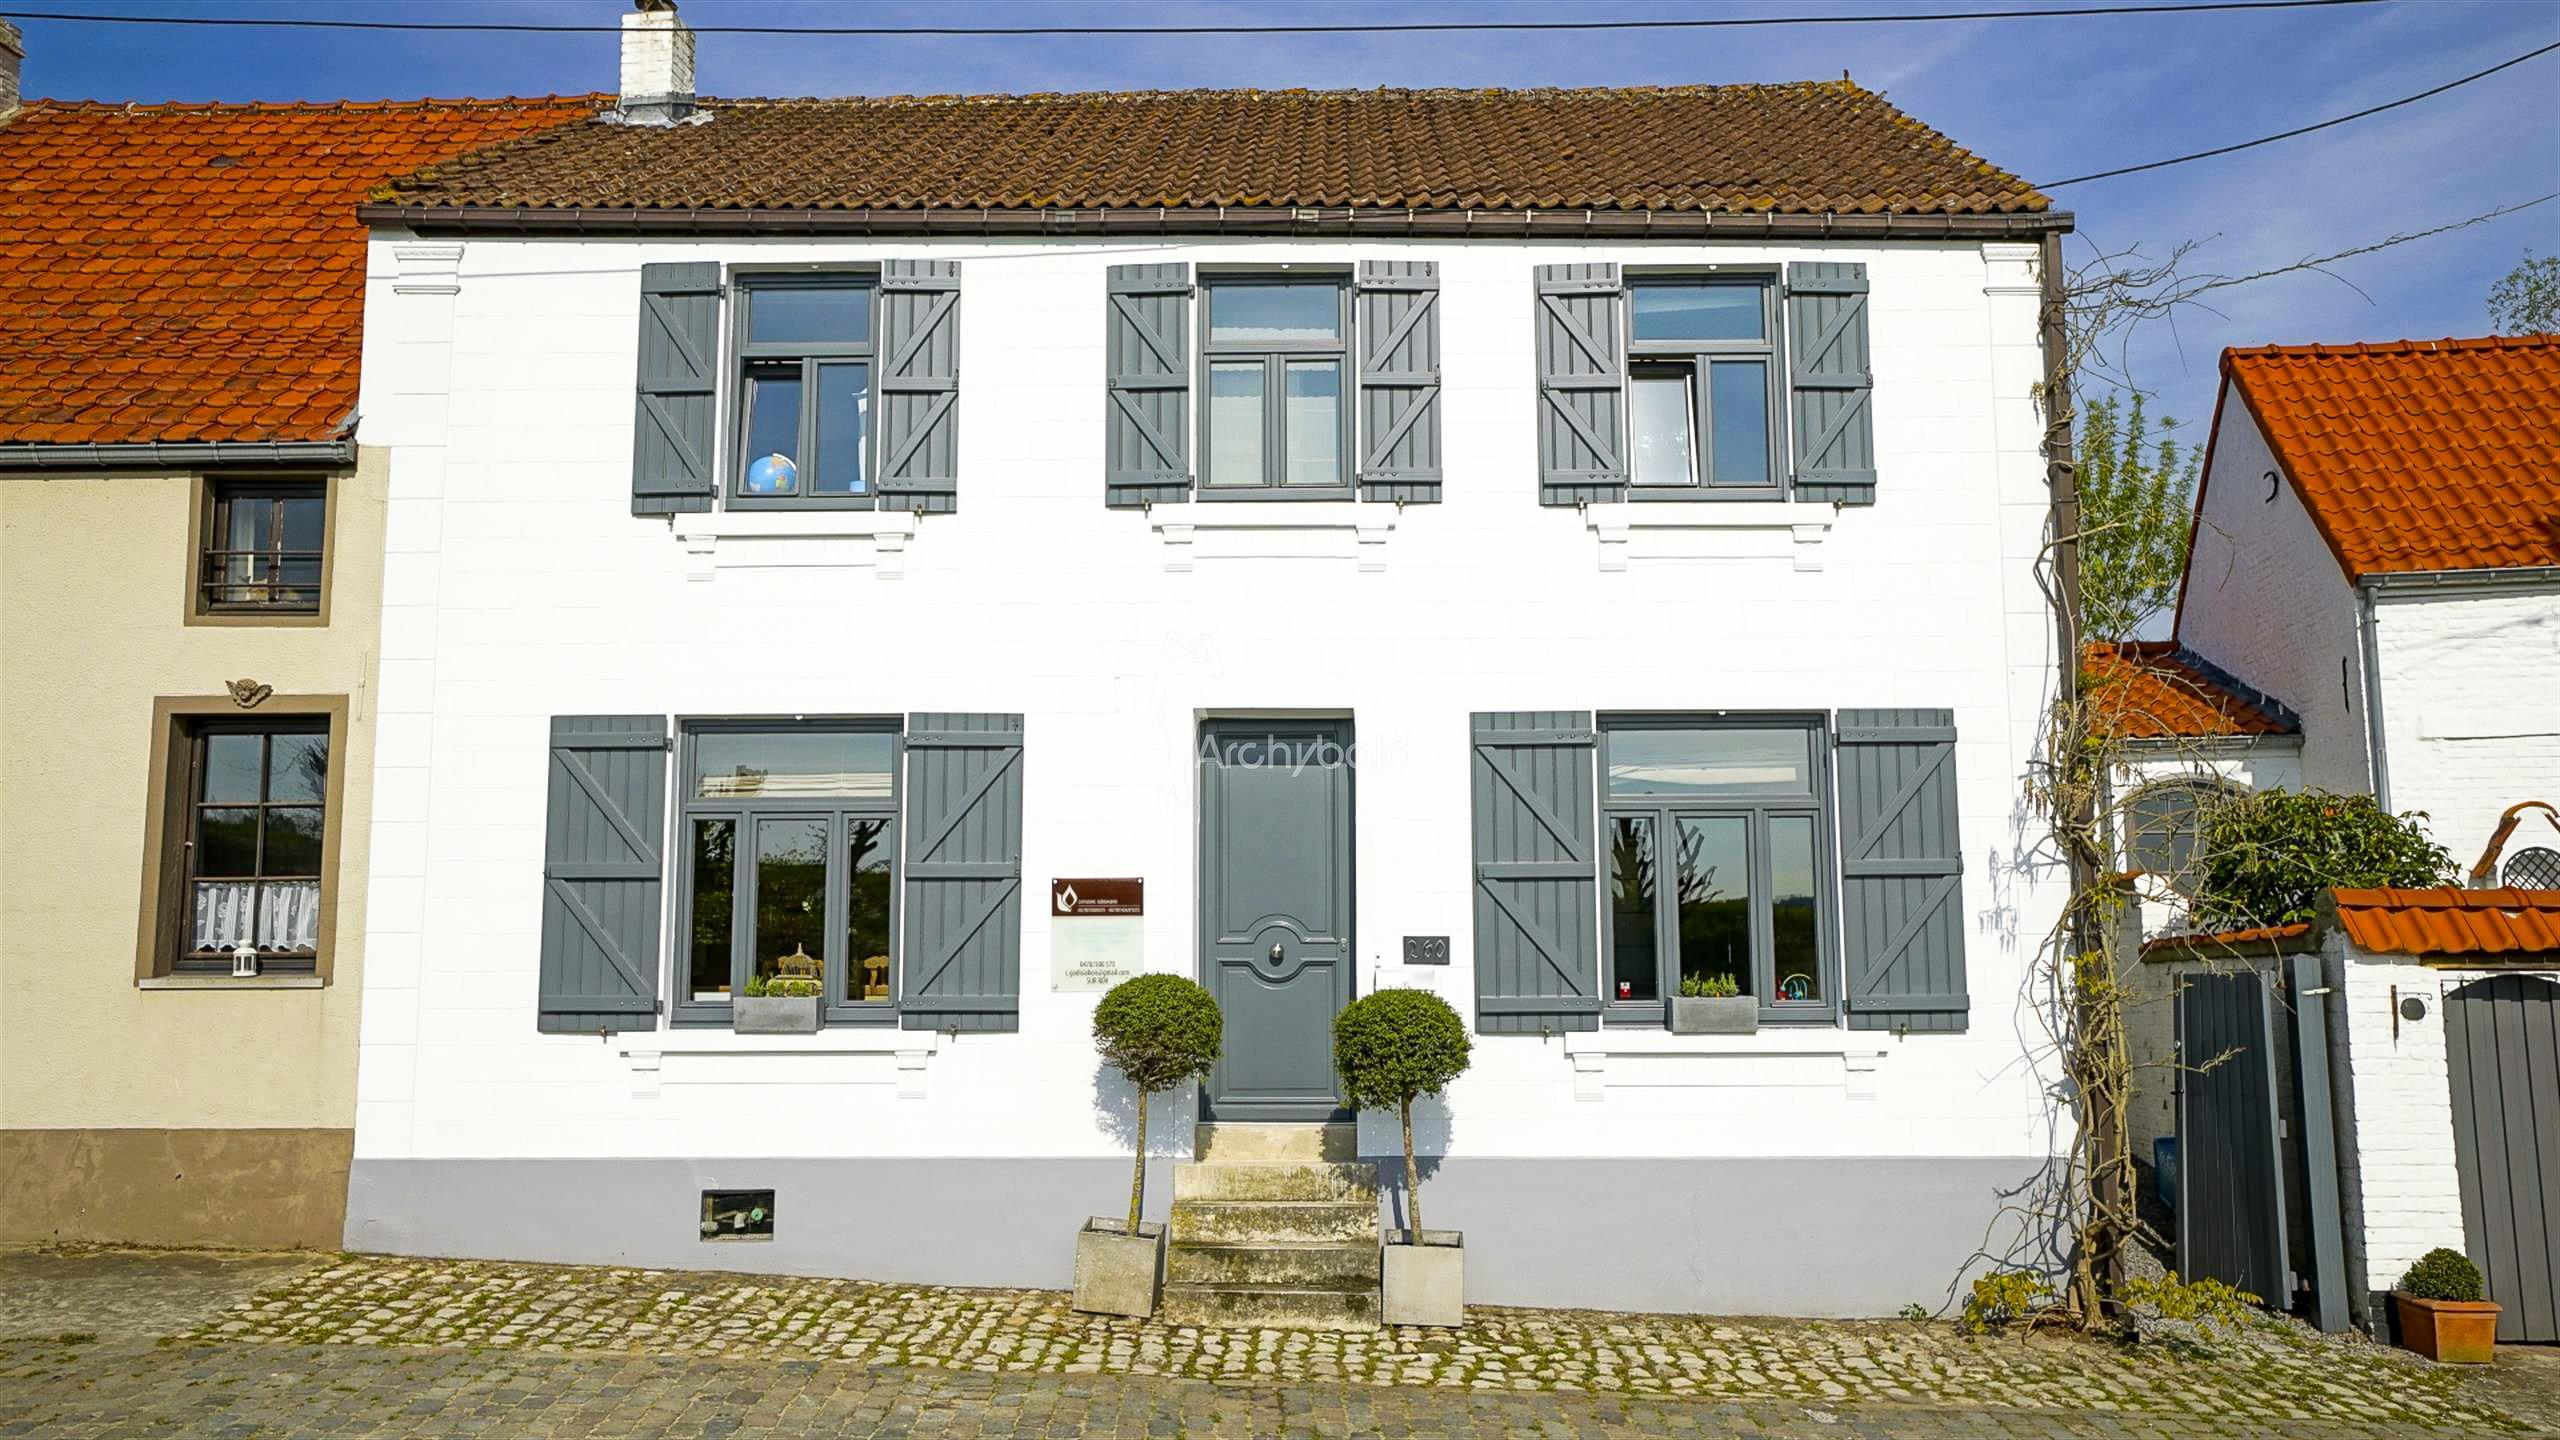 lasne maison maison de caract re vendre route de l 39 etat archybald immobilier de. Black Bedroom Furniture Sets. Home Design Ideas